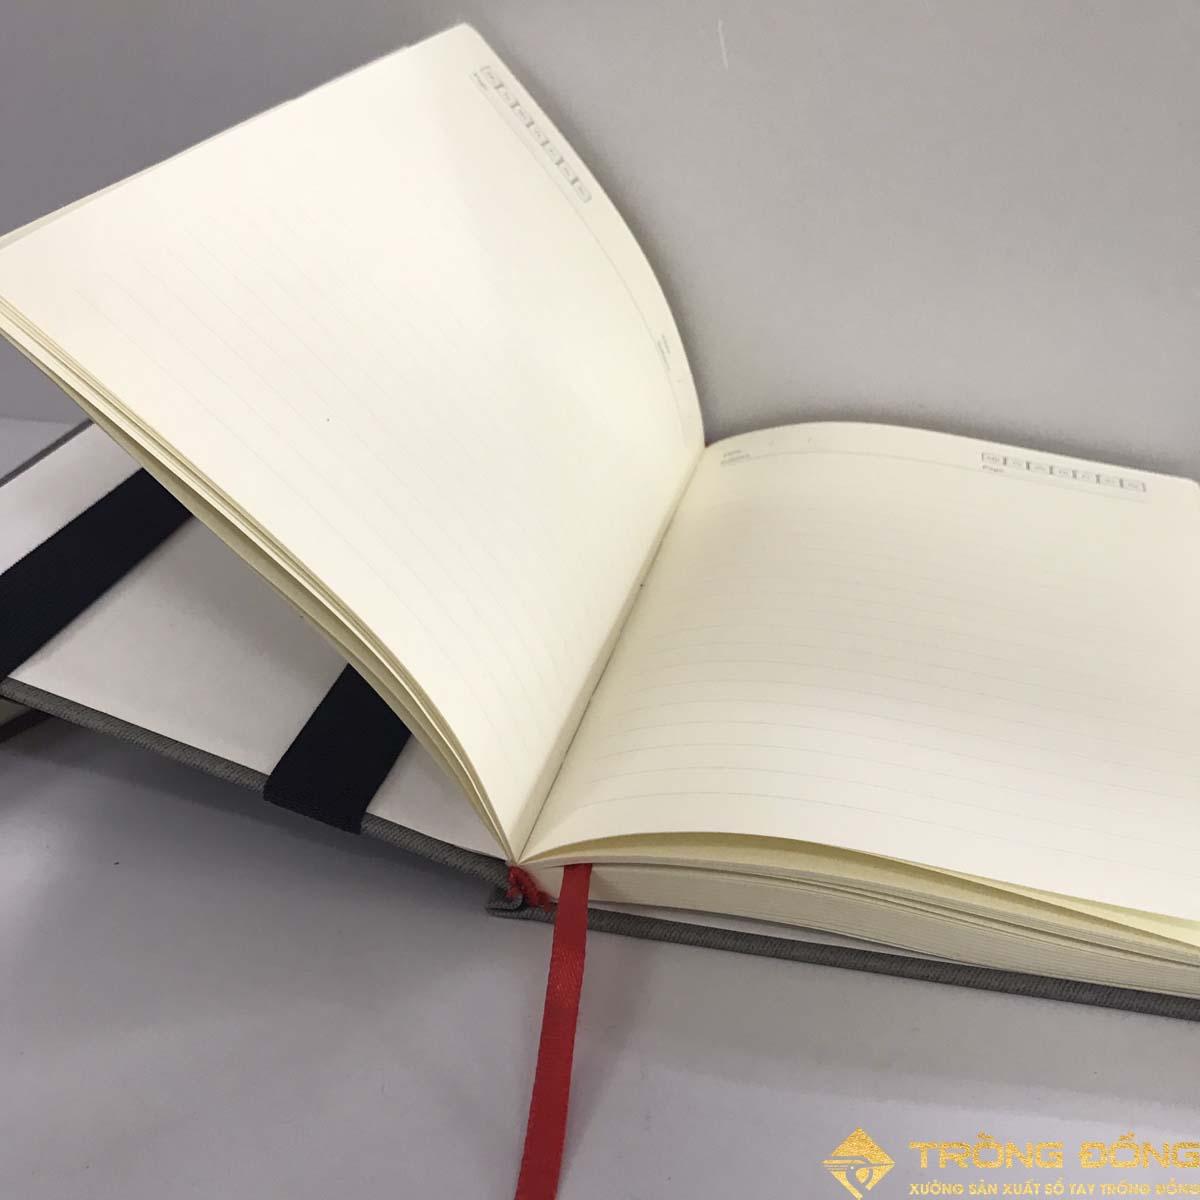 Phần ruột sổ dán gáy, giấy có màu kem và kẻ ngang.